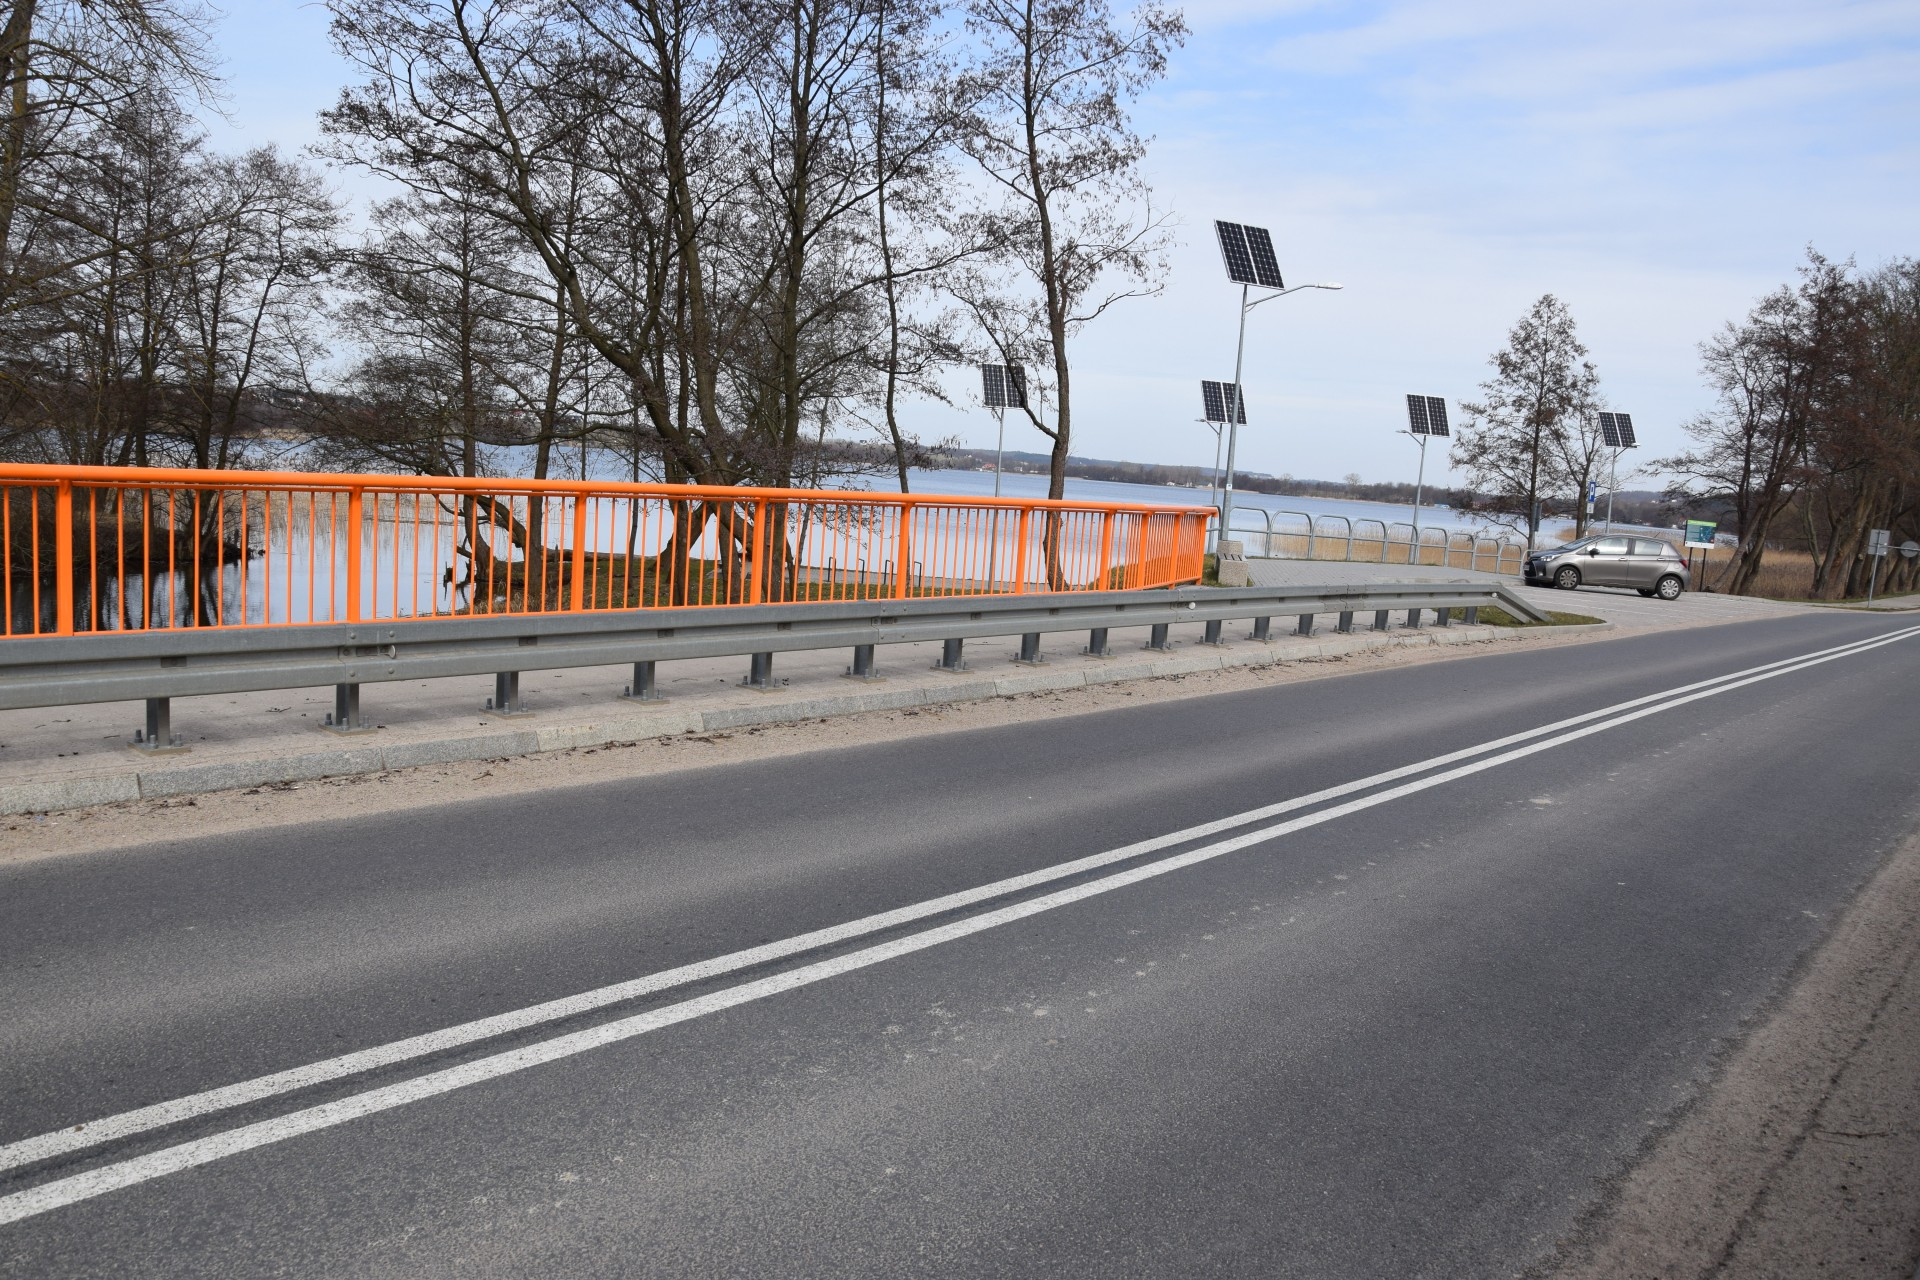 Zawory. Parking made by UE. Fot. Tomasz Słomczyński/Magazyn Kaszuby